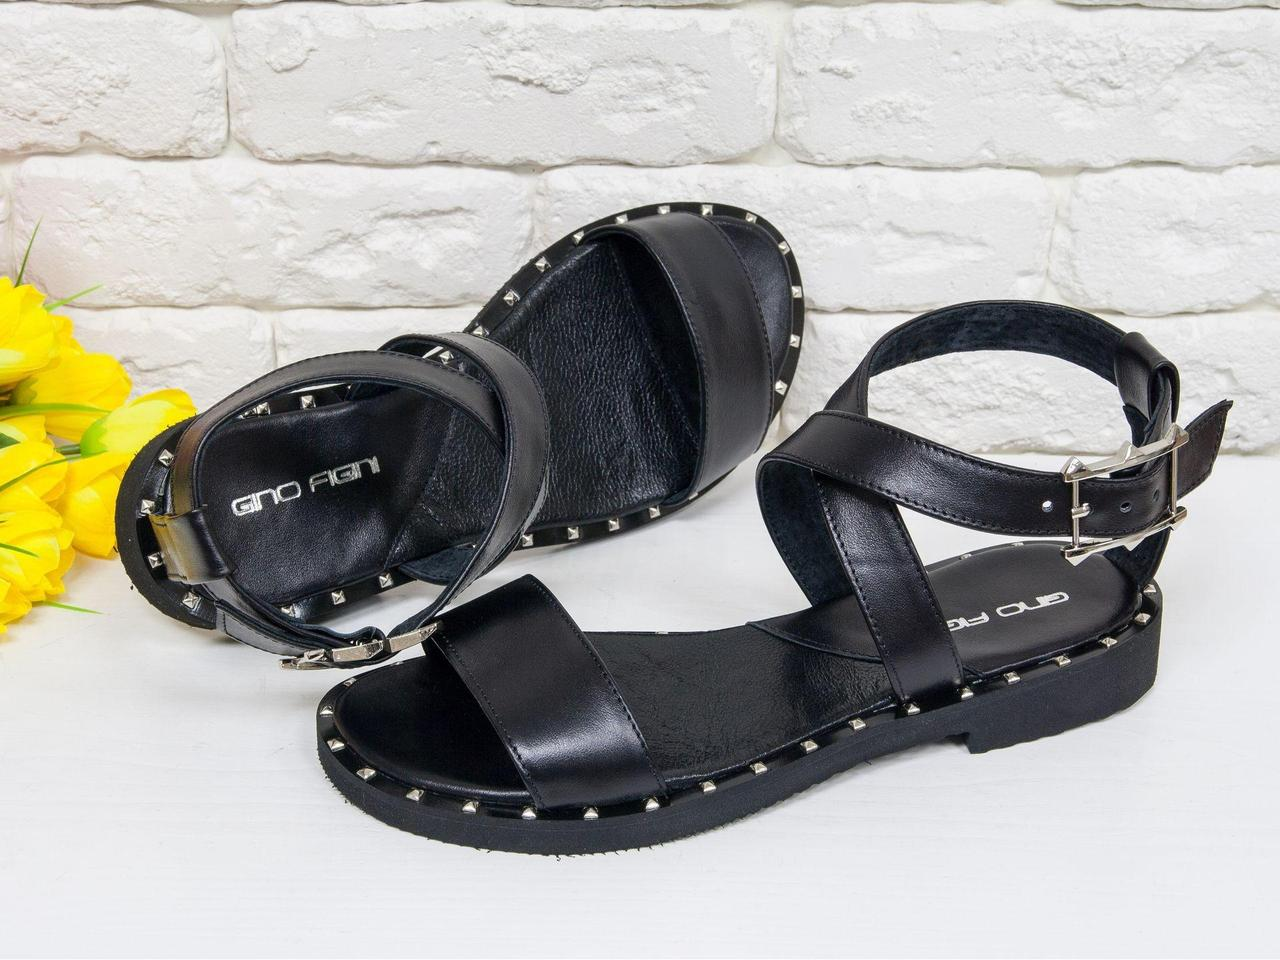 Кожаные черные босоножки на удобной легкой подошве с металлическими шипами по периметру